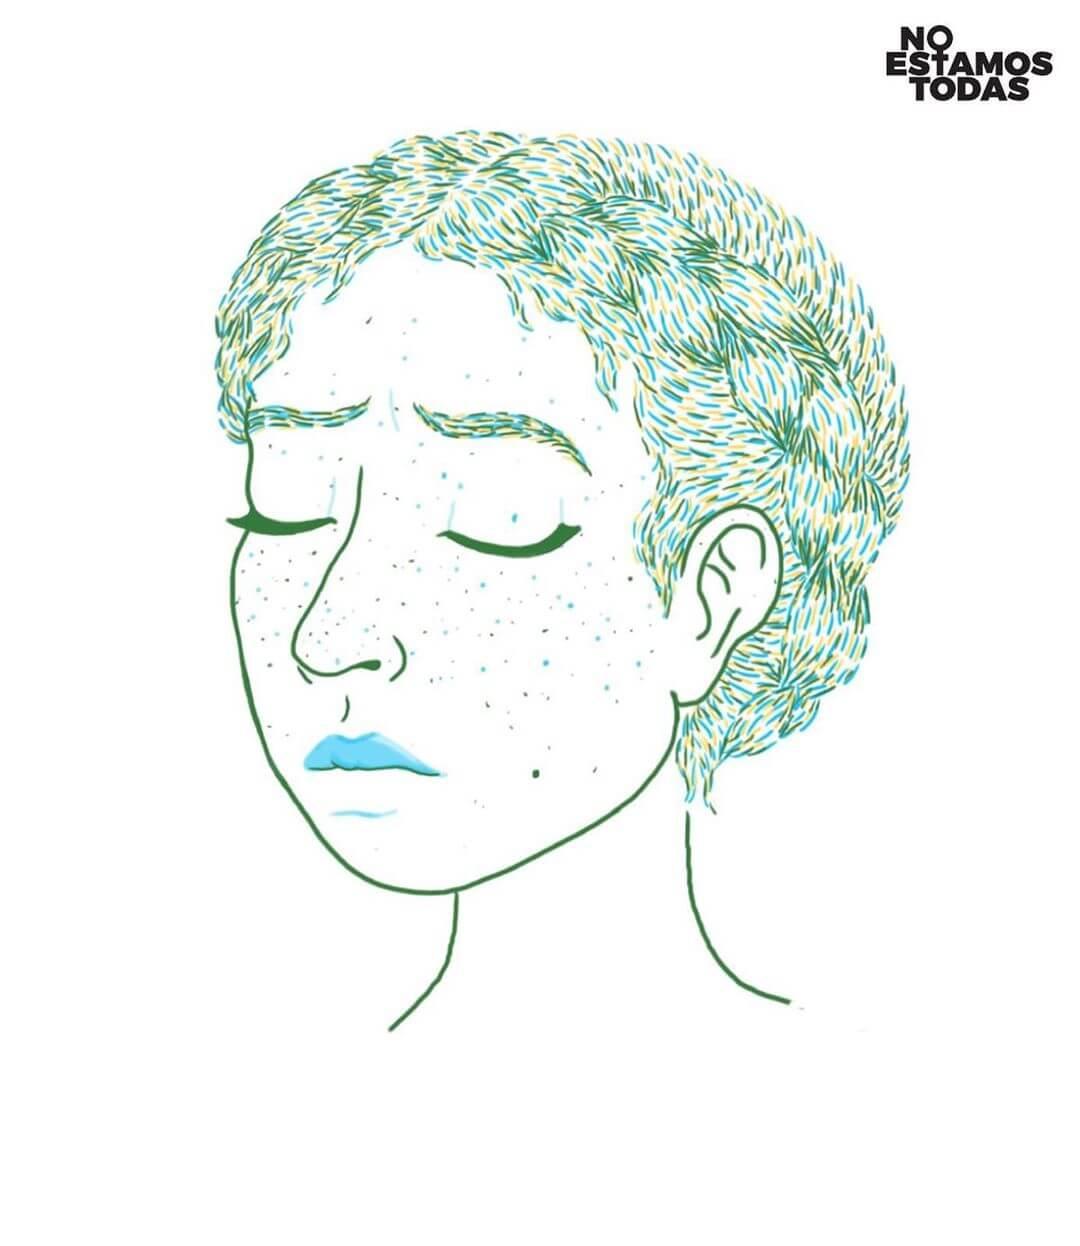 ilustración de conpocococo